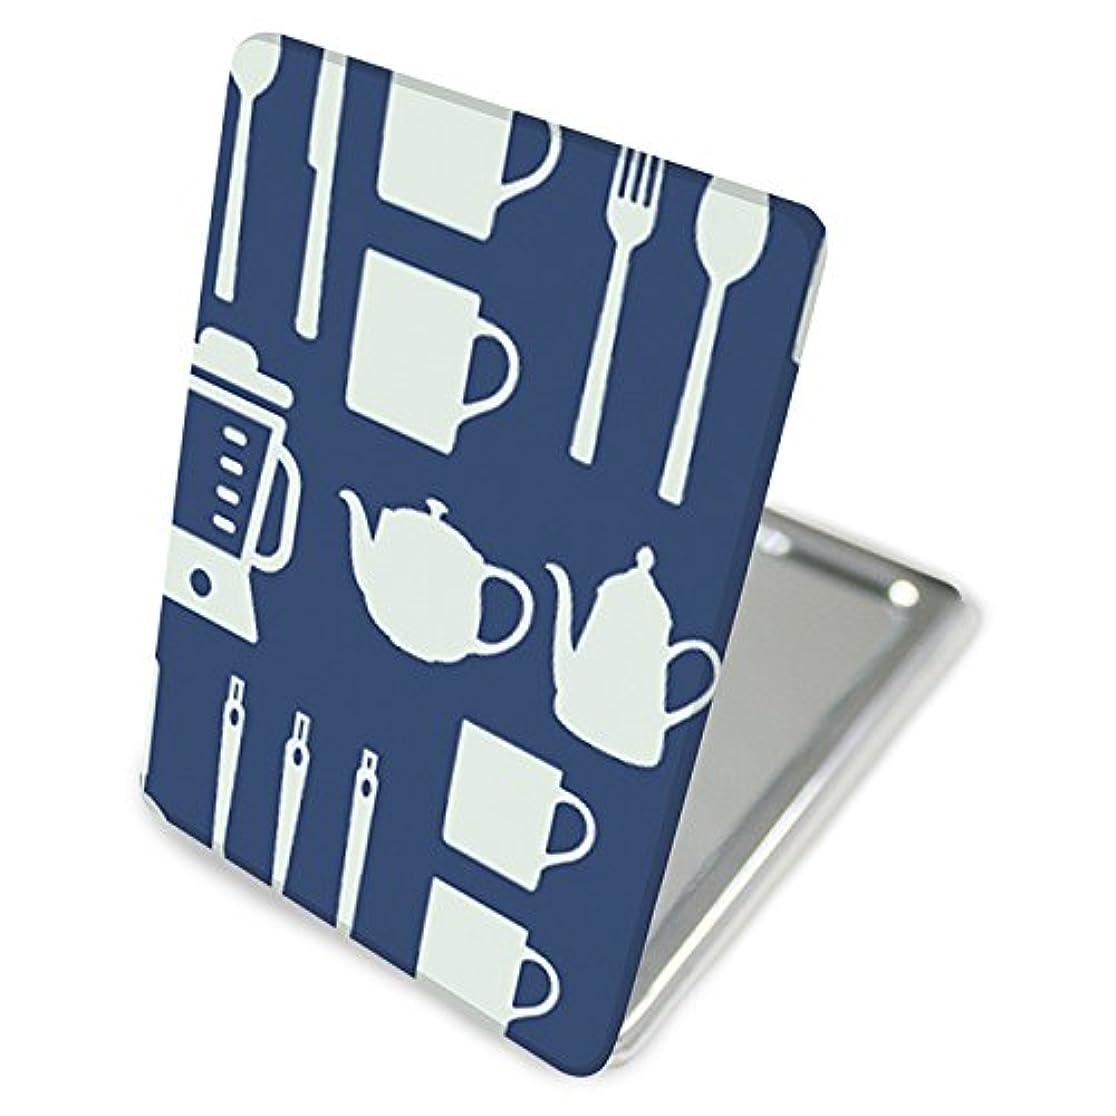 ビザ後ろに高度な(カリーナ) Carine 手鏡 コンパクトミラー ハンドミラー 拡大鏡付 持ち歩きに便利 かわいい kgm019(A) キッチン デザイン キッチン kitchen